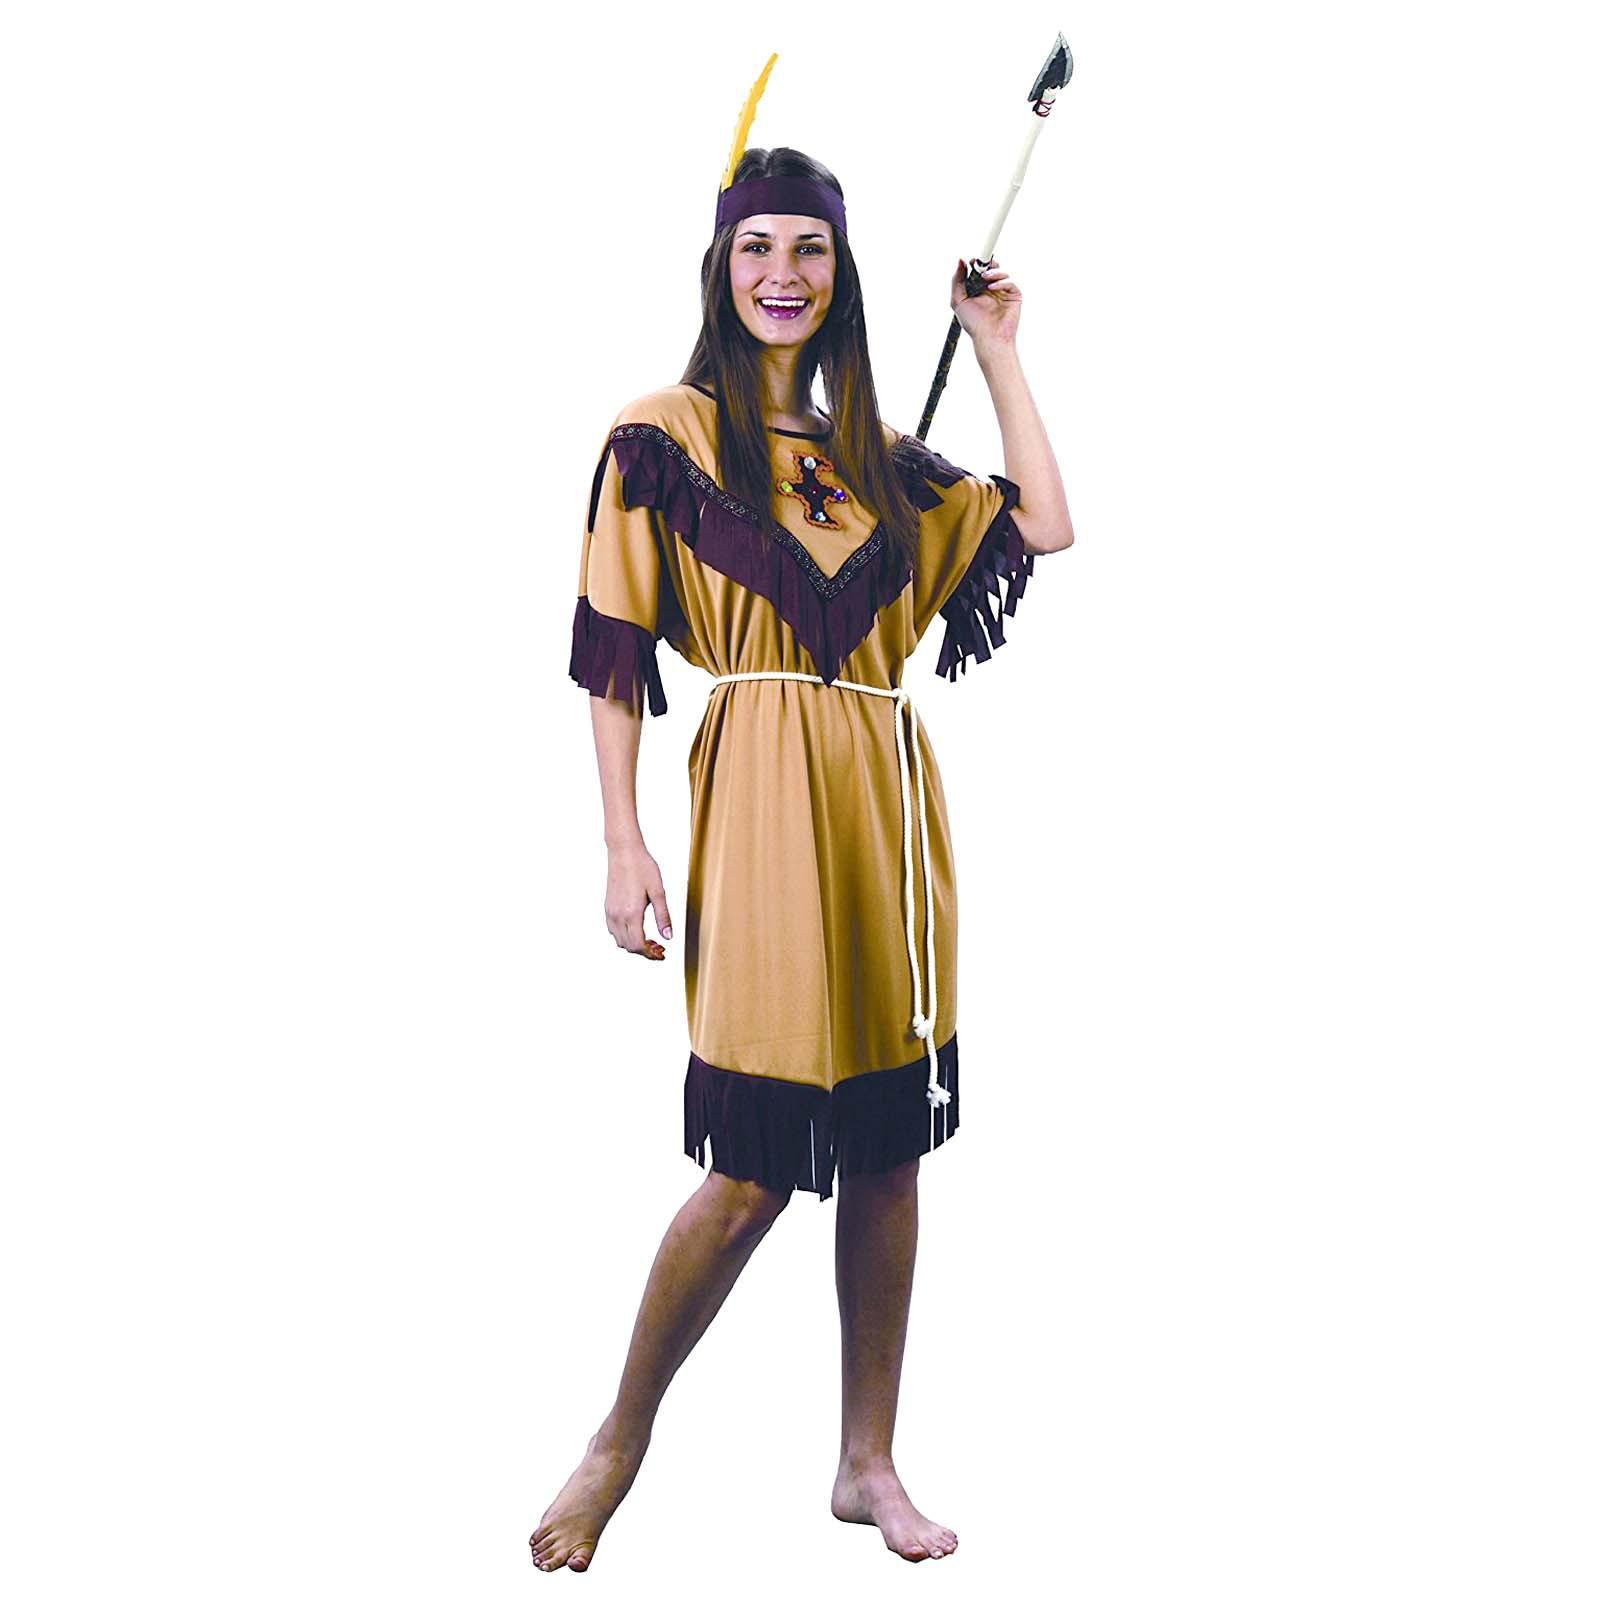 Da Indiana Vestito Carnevale Donna Abito Di Costume Travestimento m8vNn0w